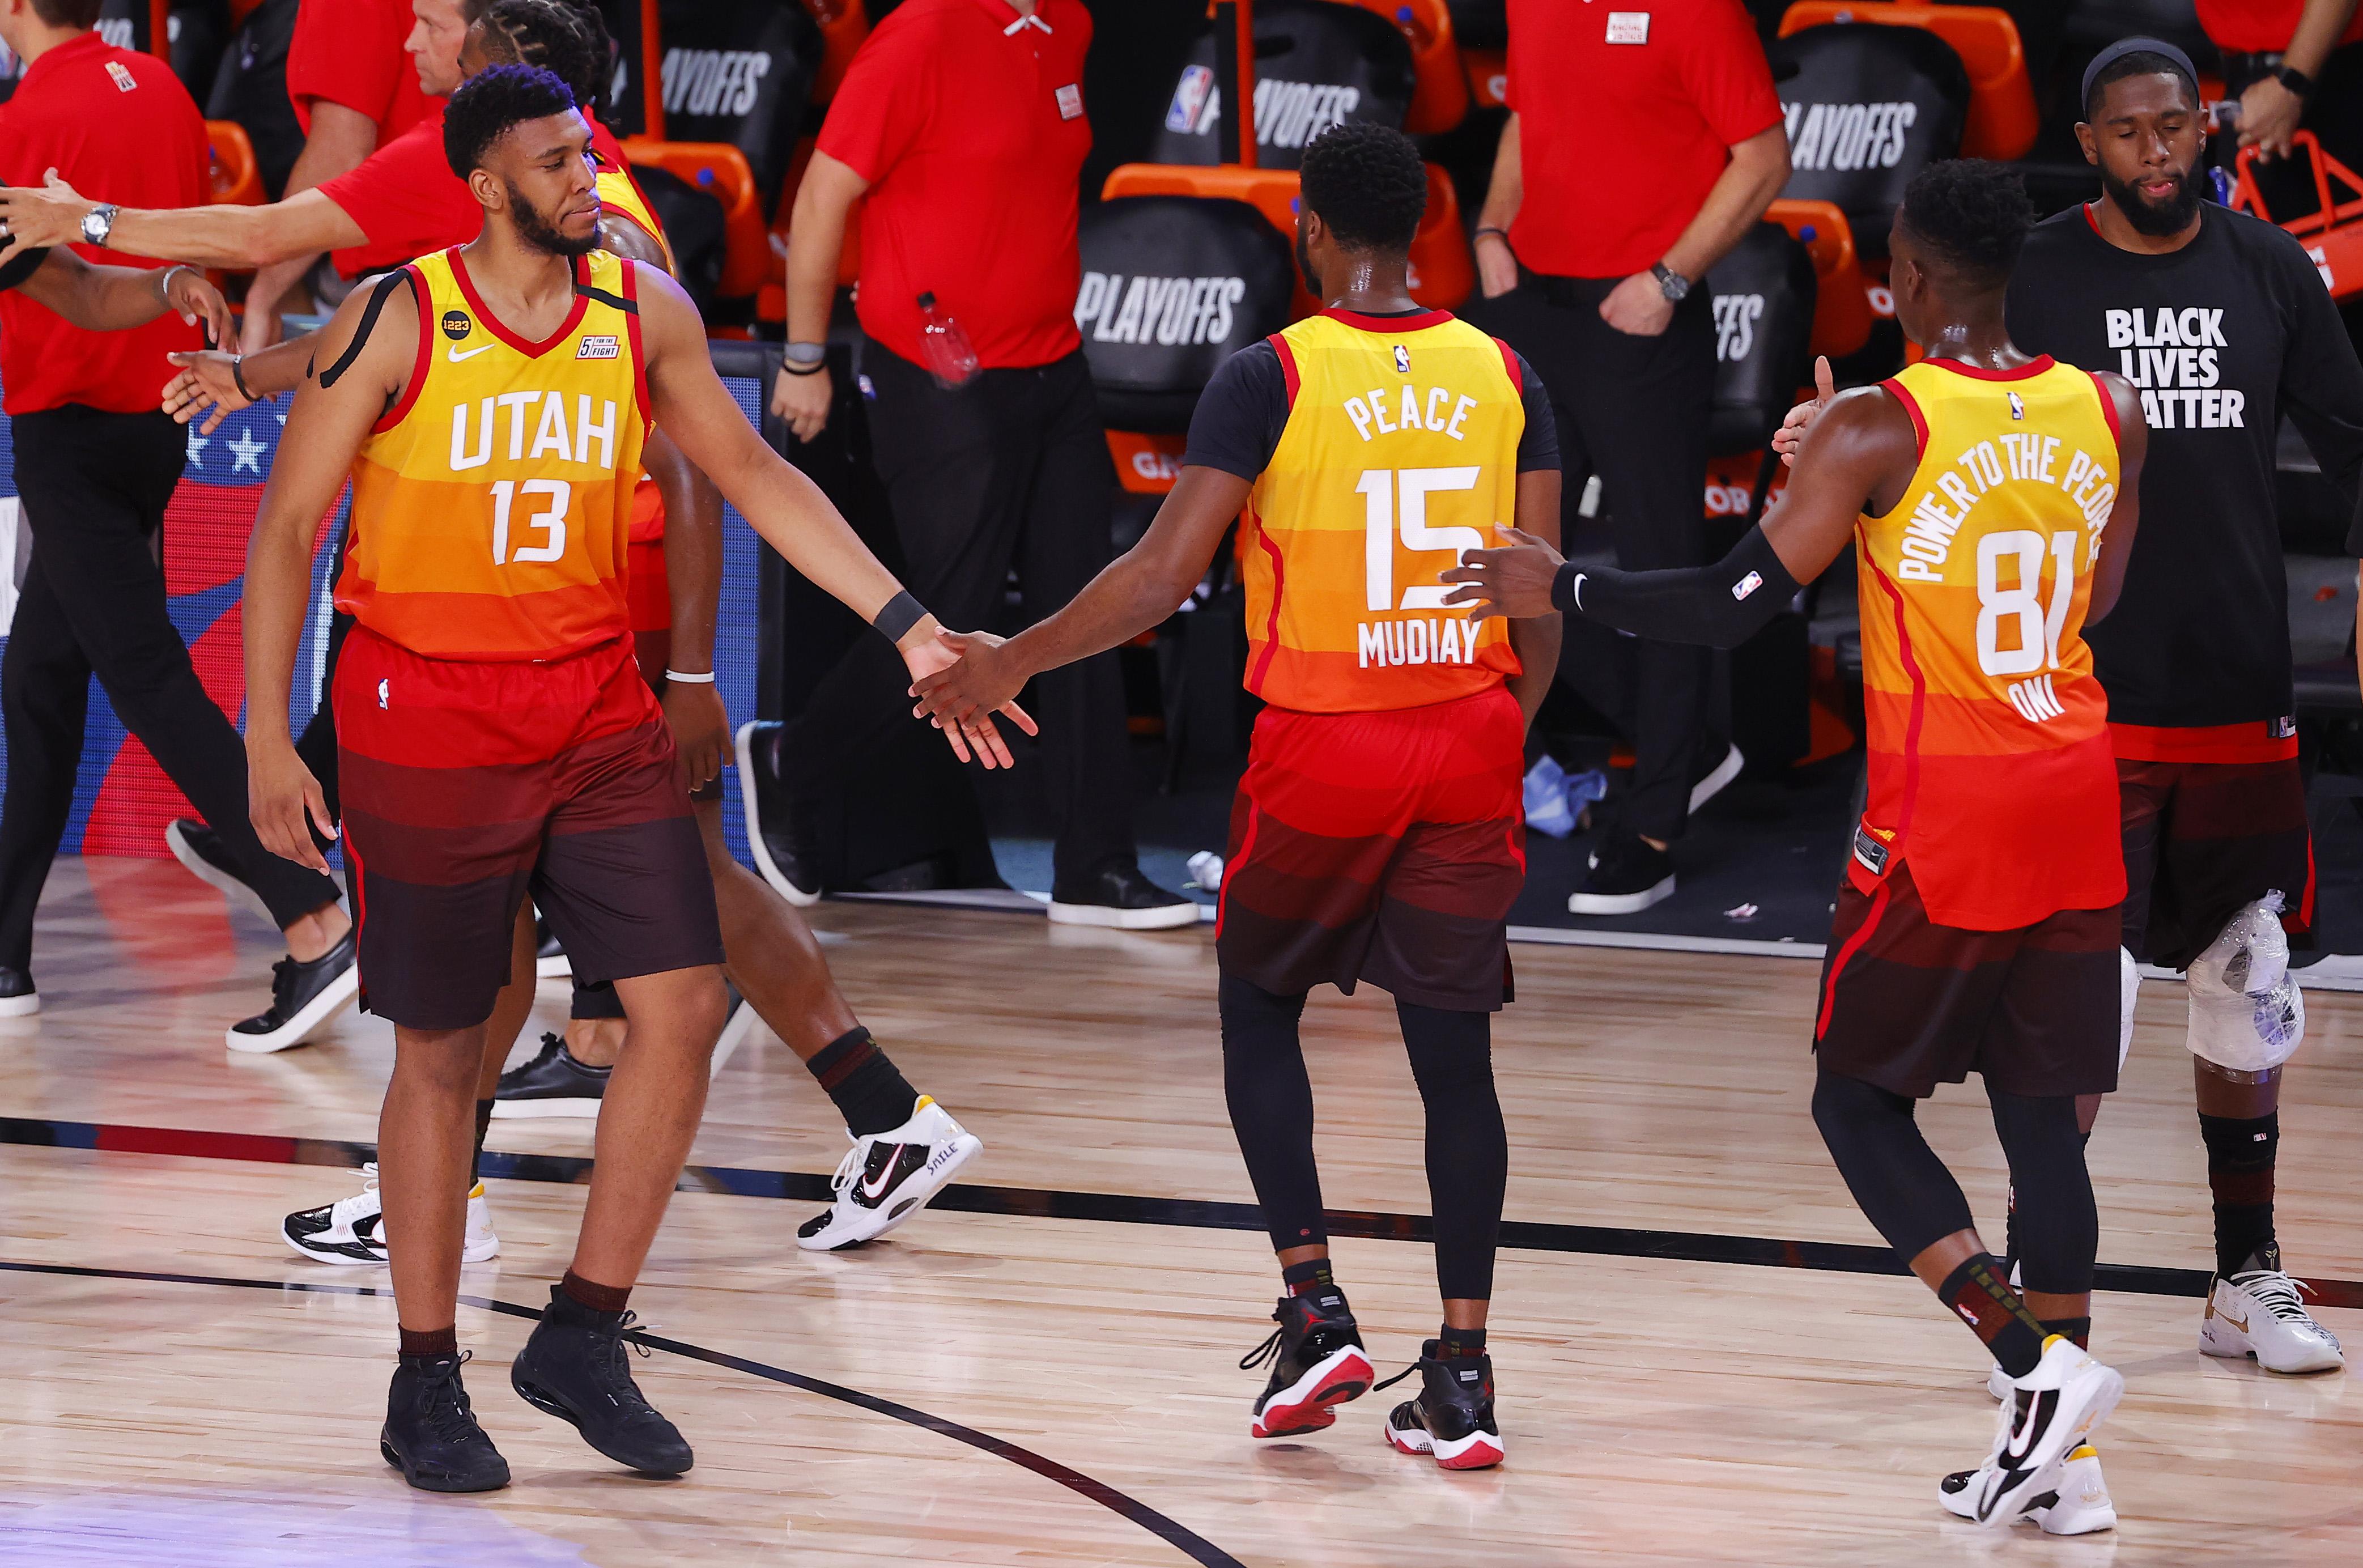 NBA: Playoffs-Denver Nuggets at Utah Jazz